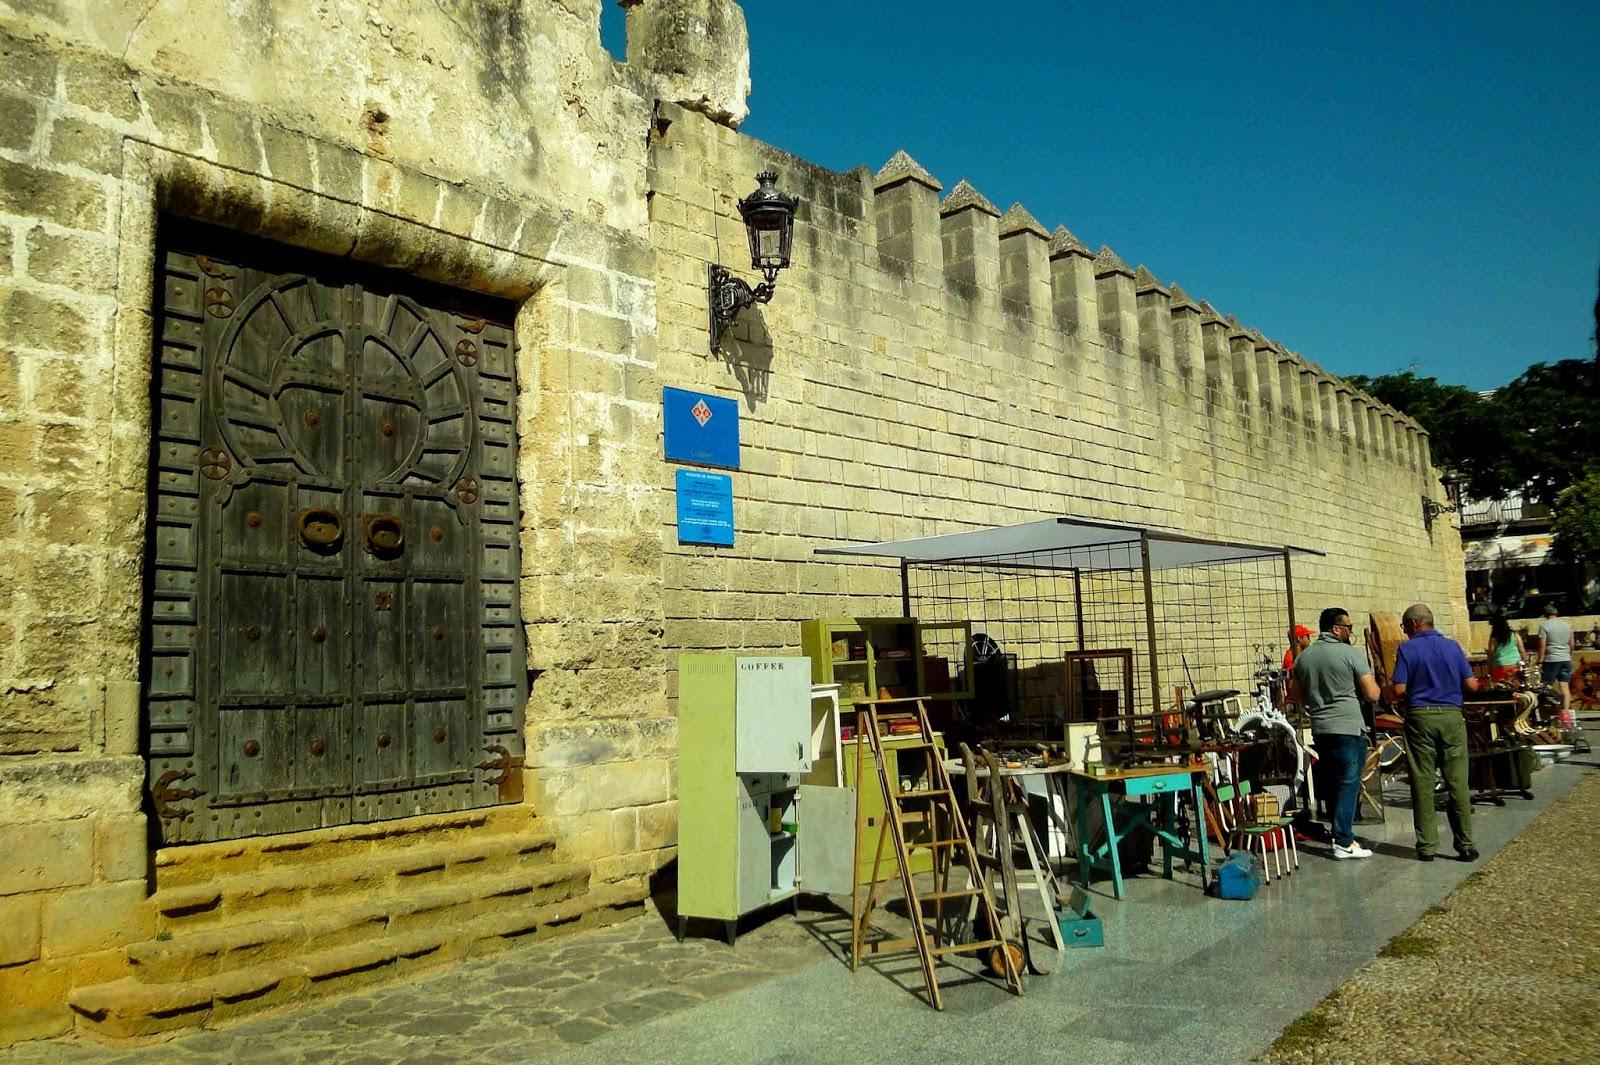 El sello verde mercado de antig edades en el puerto de - Muebles en el puerto de santa maria ...